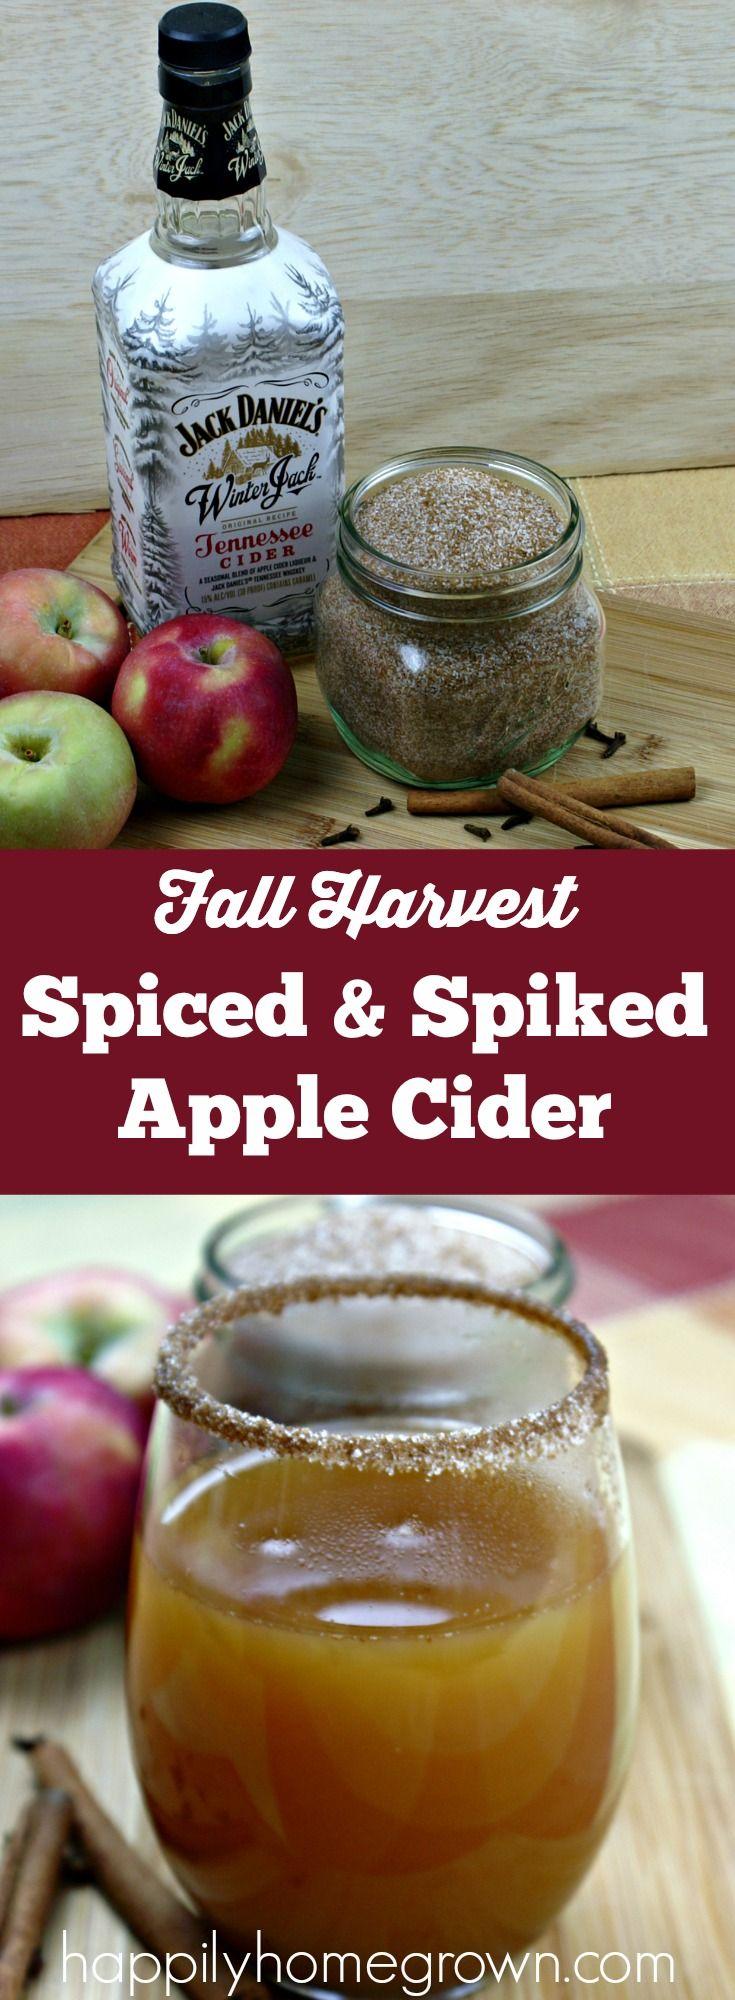 Apple Cider-Spiked Pie Apple Cider-Spiked Pie new photo